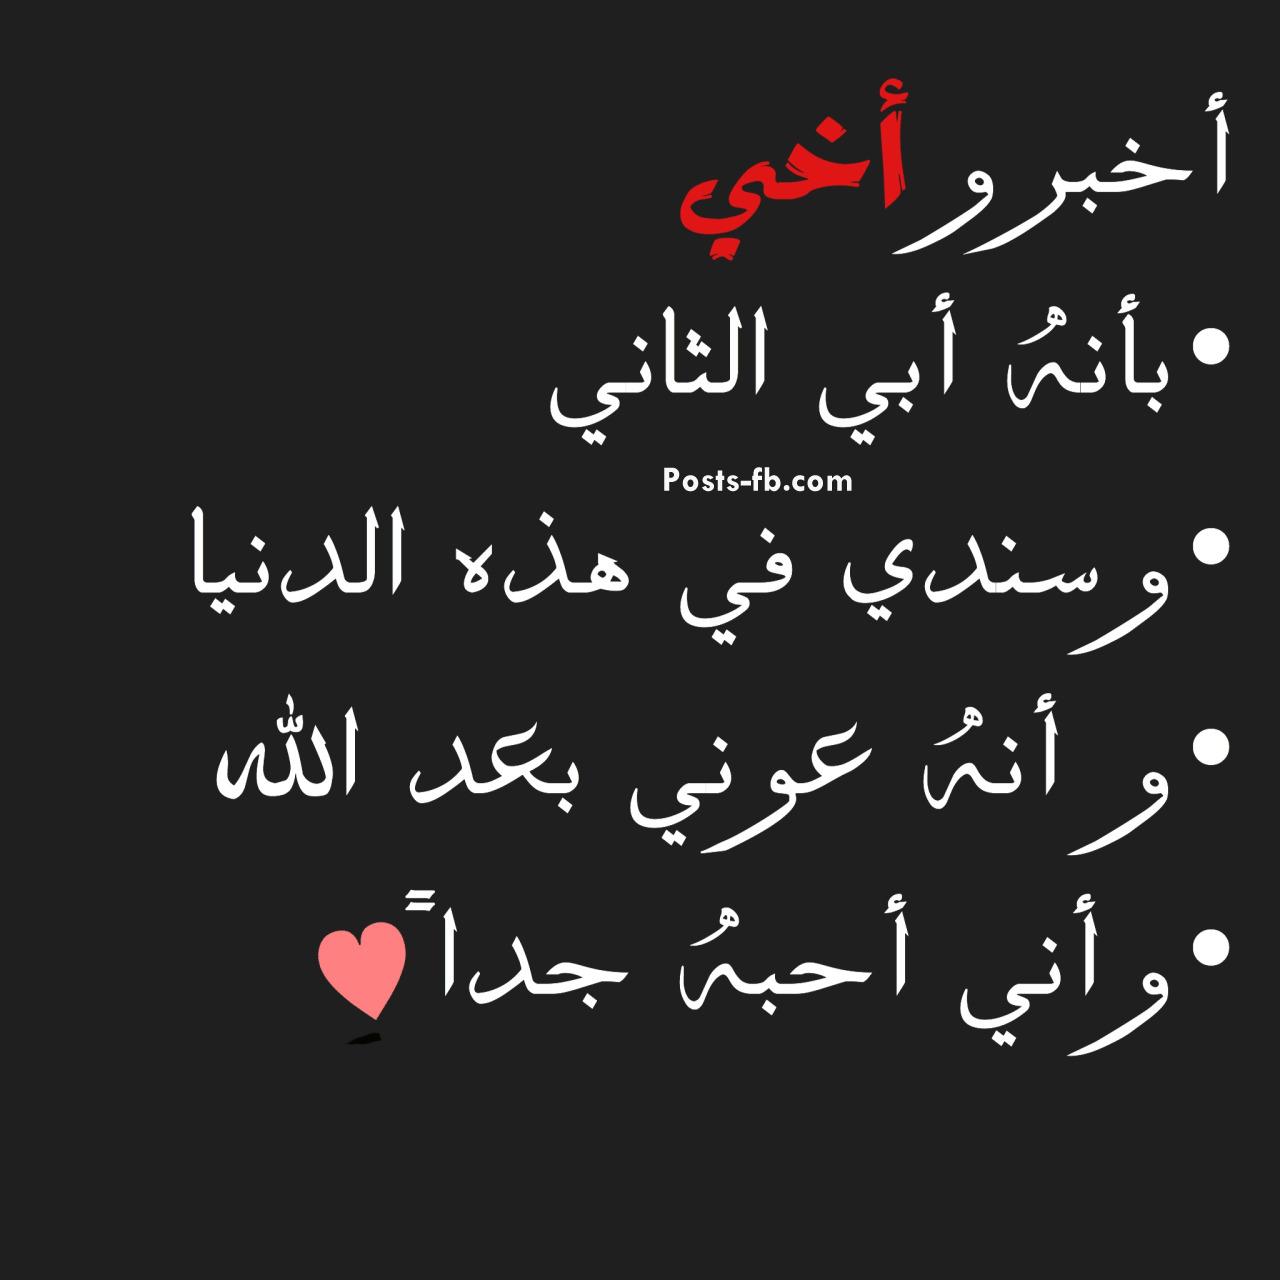 بالصور شعر عن الاخ الحنون , ابيات شعر جميله تصف حنيه الاخ و عطفه 647